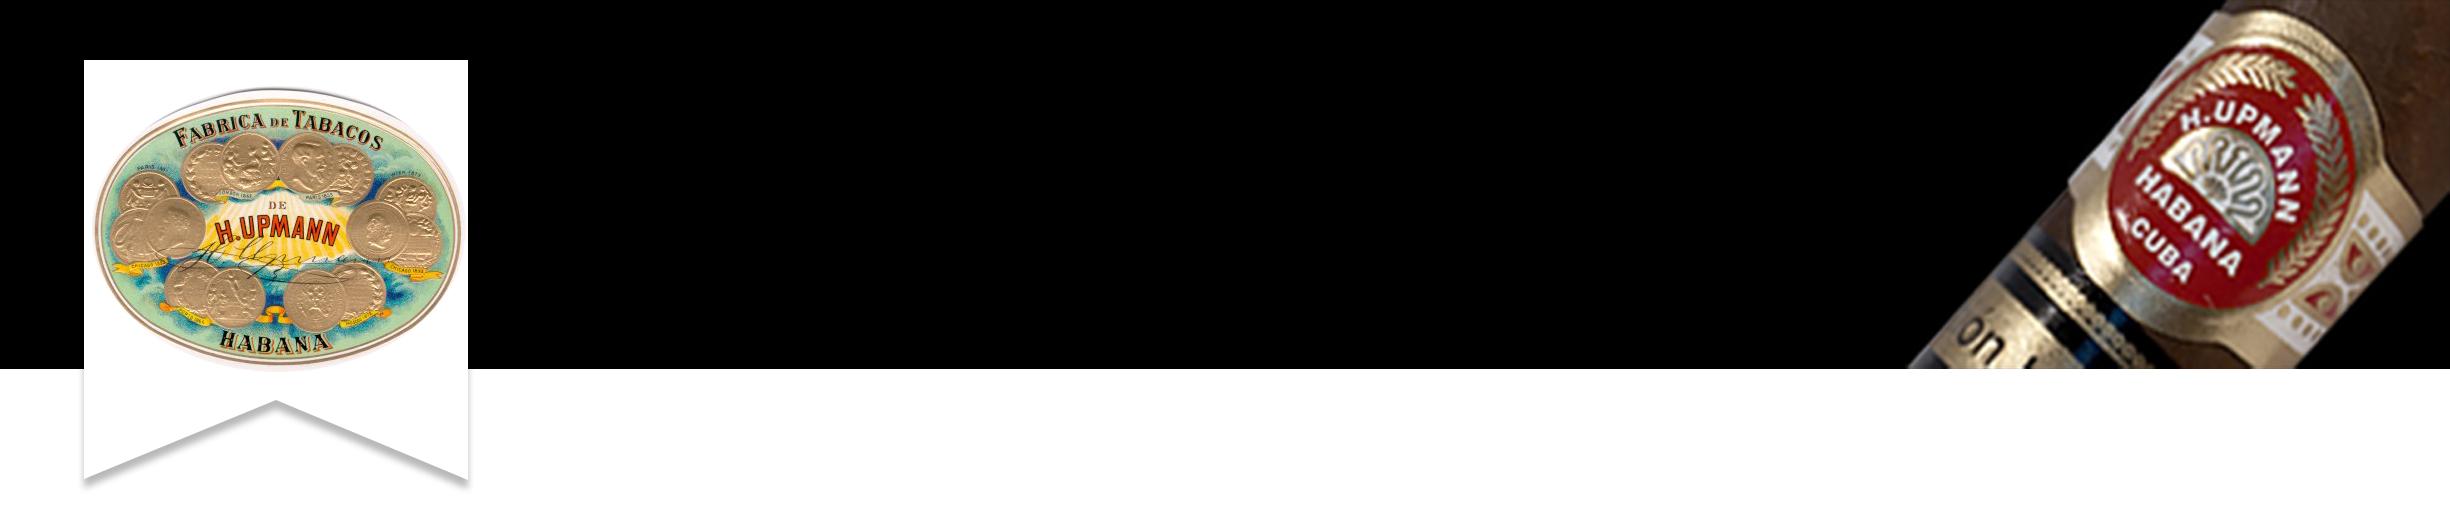 H.-アップマン-カテゴリ